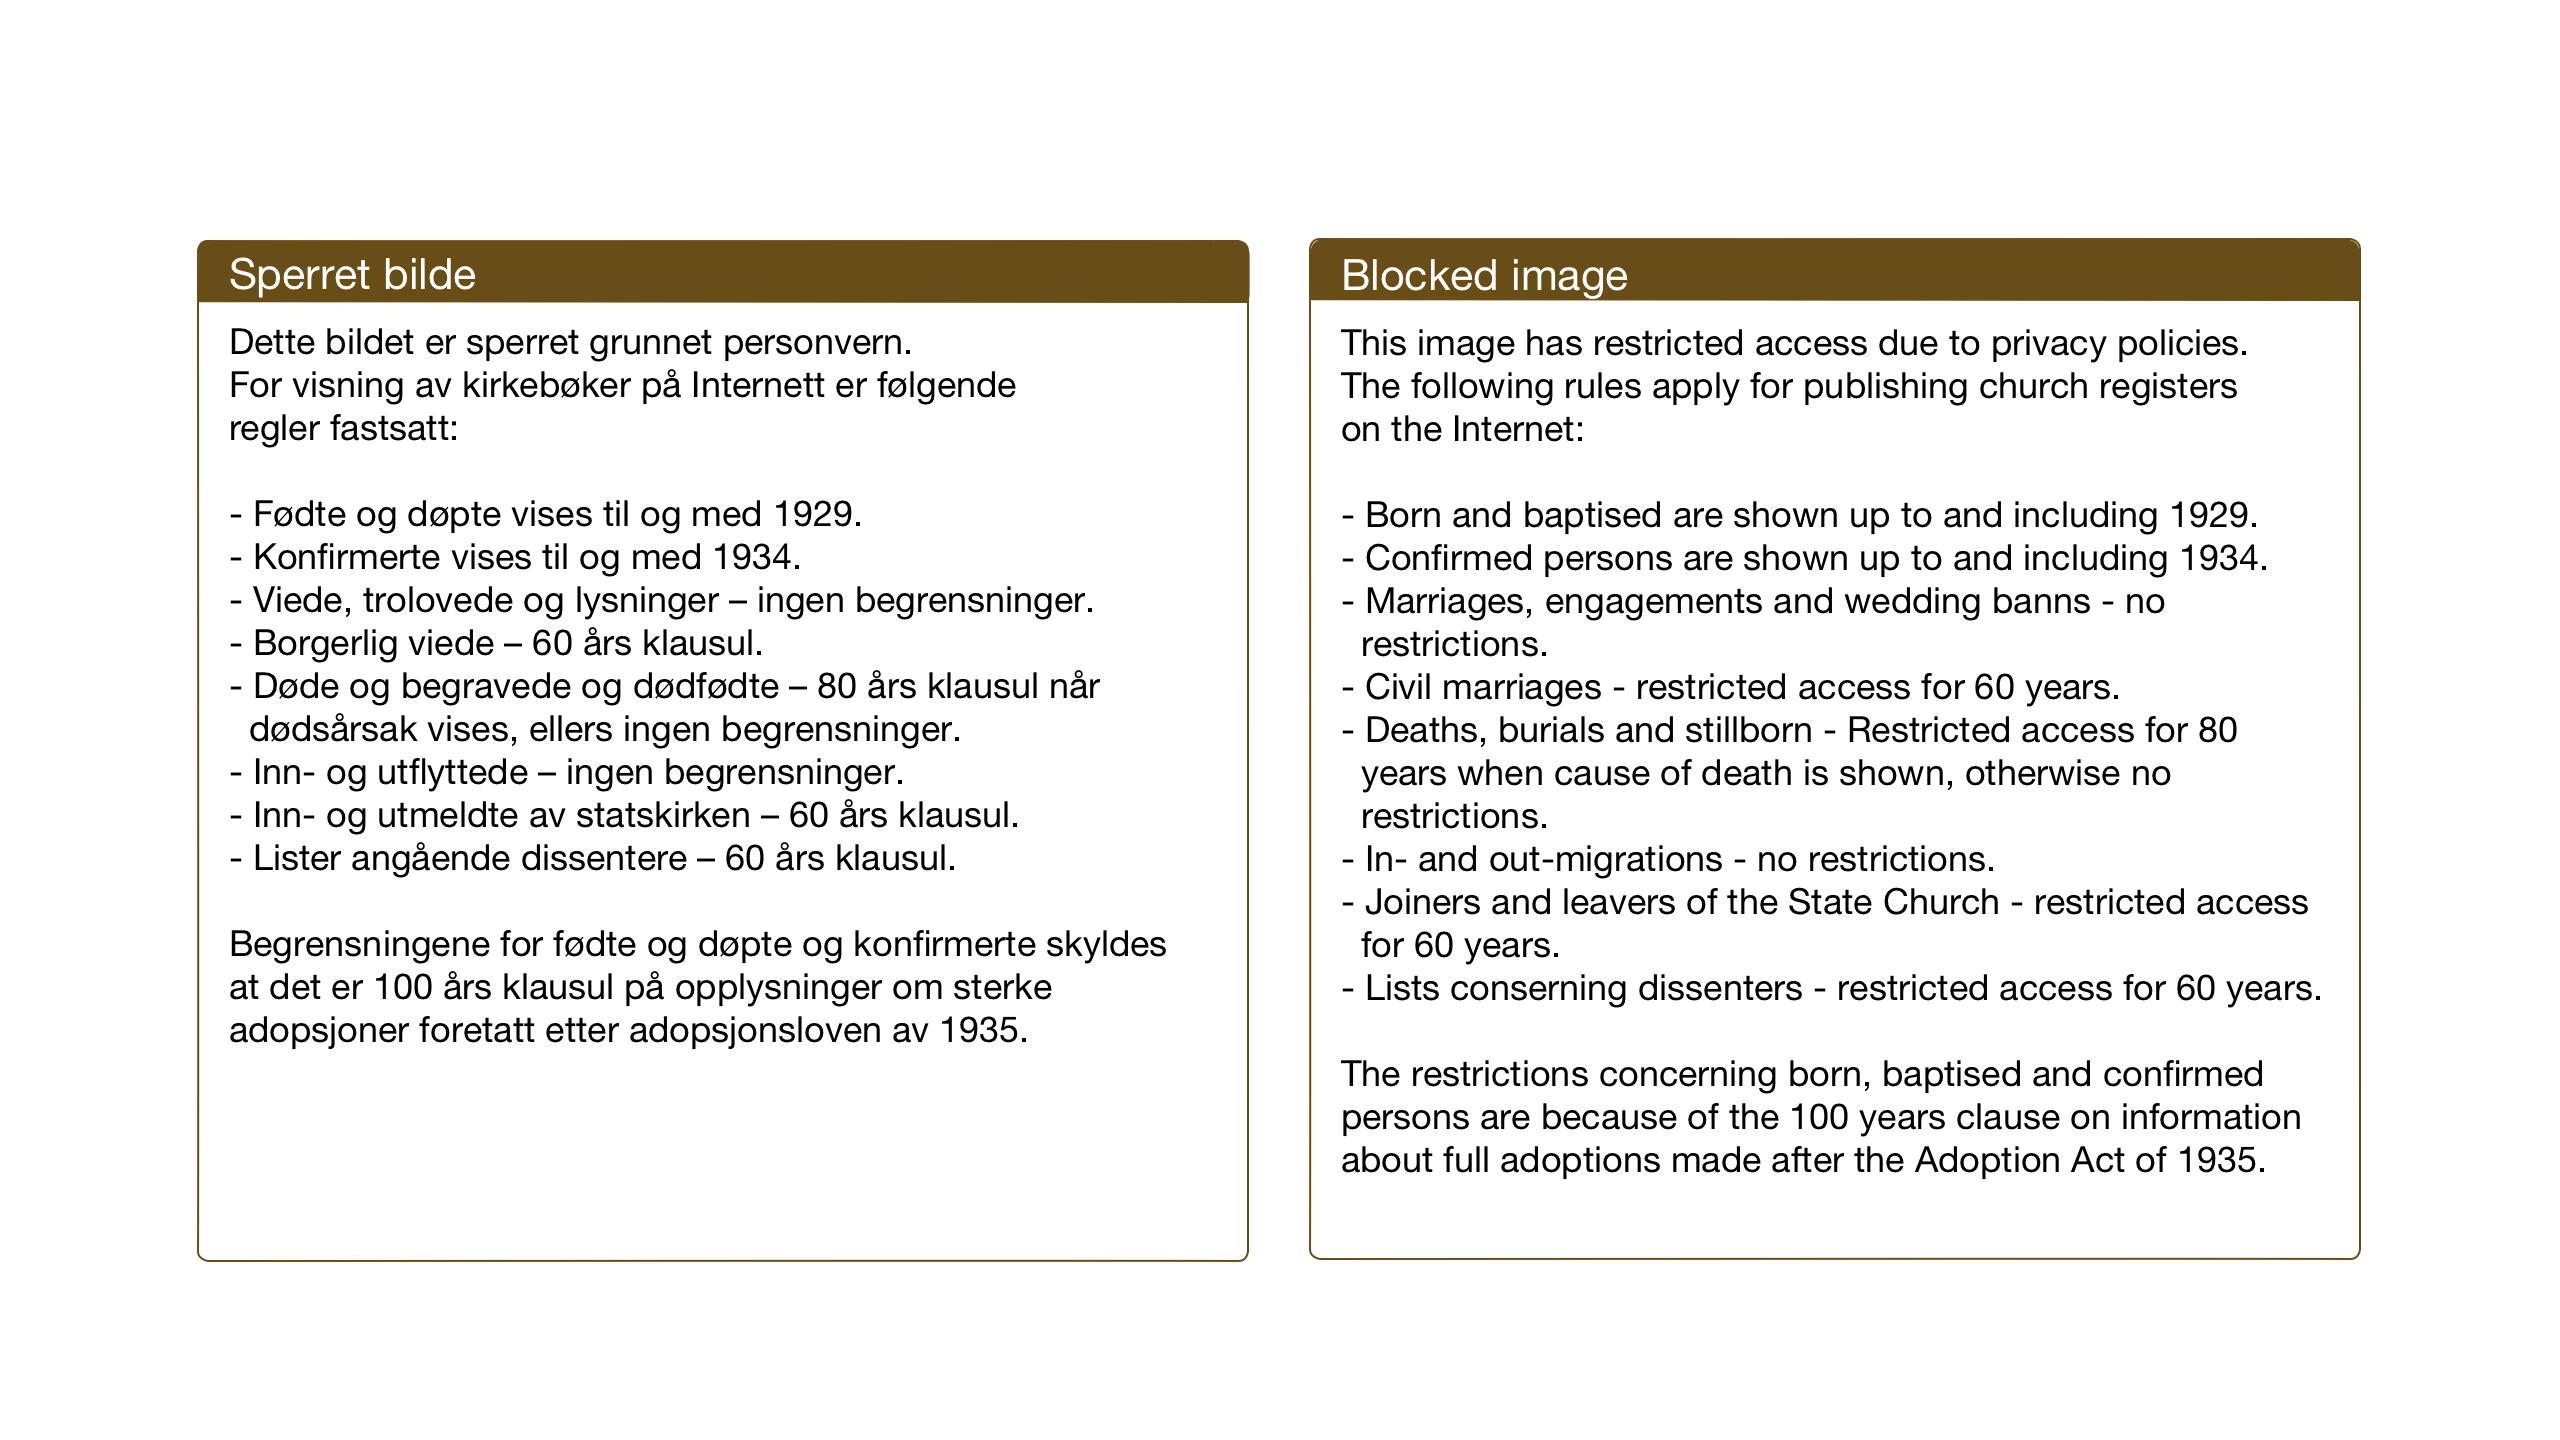 SAT, Ministerialprotokoller, klokkerbøker og fødselsregistre - Sør-Trøndelag, 698/L1169: Klokkerbok nr. 698C06, 1930-1949, s. 85